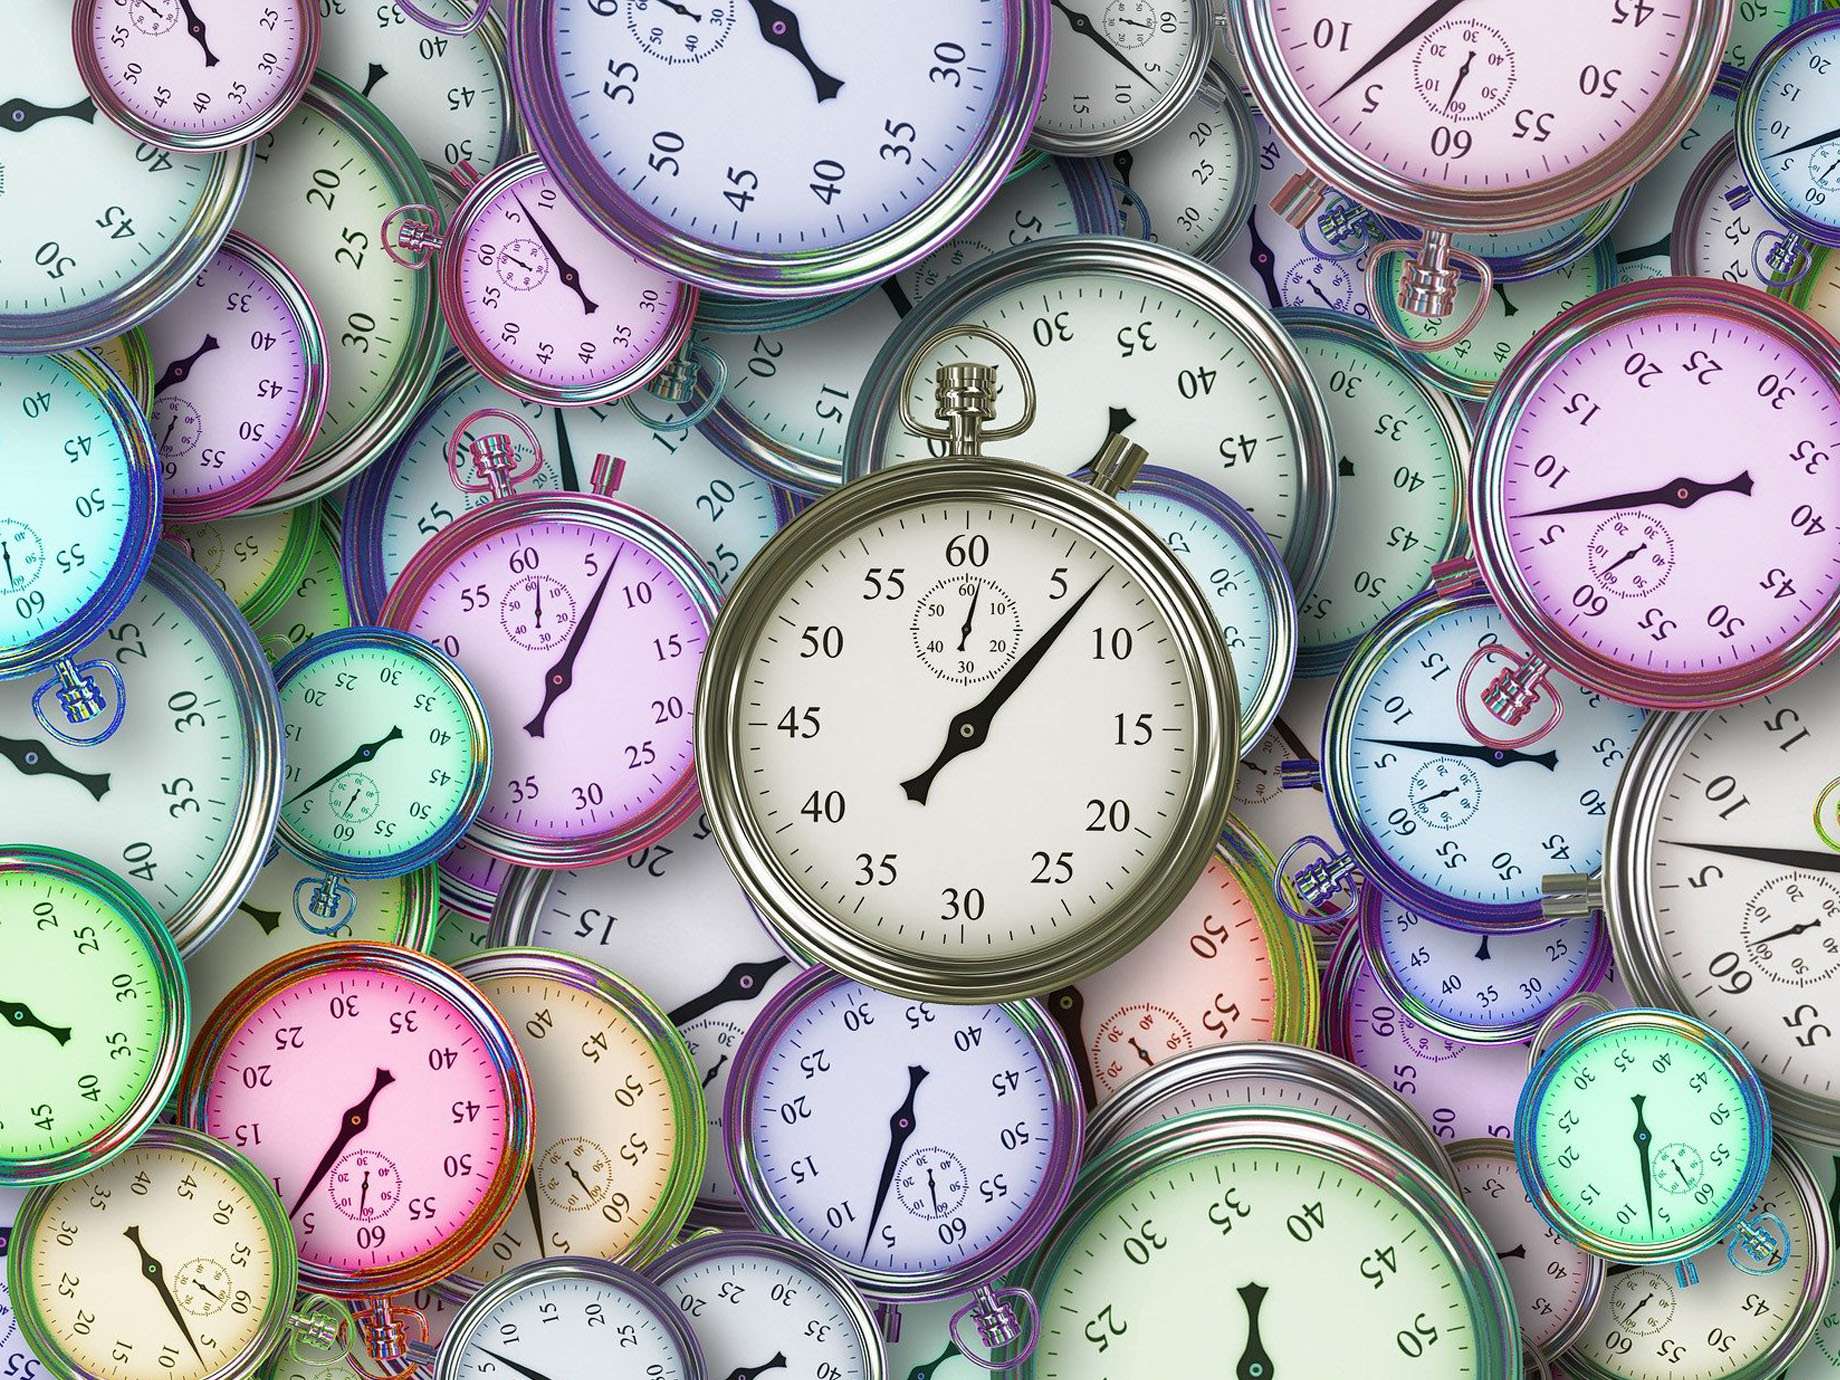 【閱讀才沒那麼難】還在找藉口不讀書?教你善用瑣碎時間高效提升競爭力